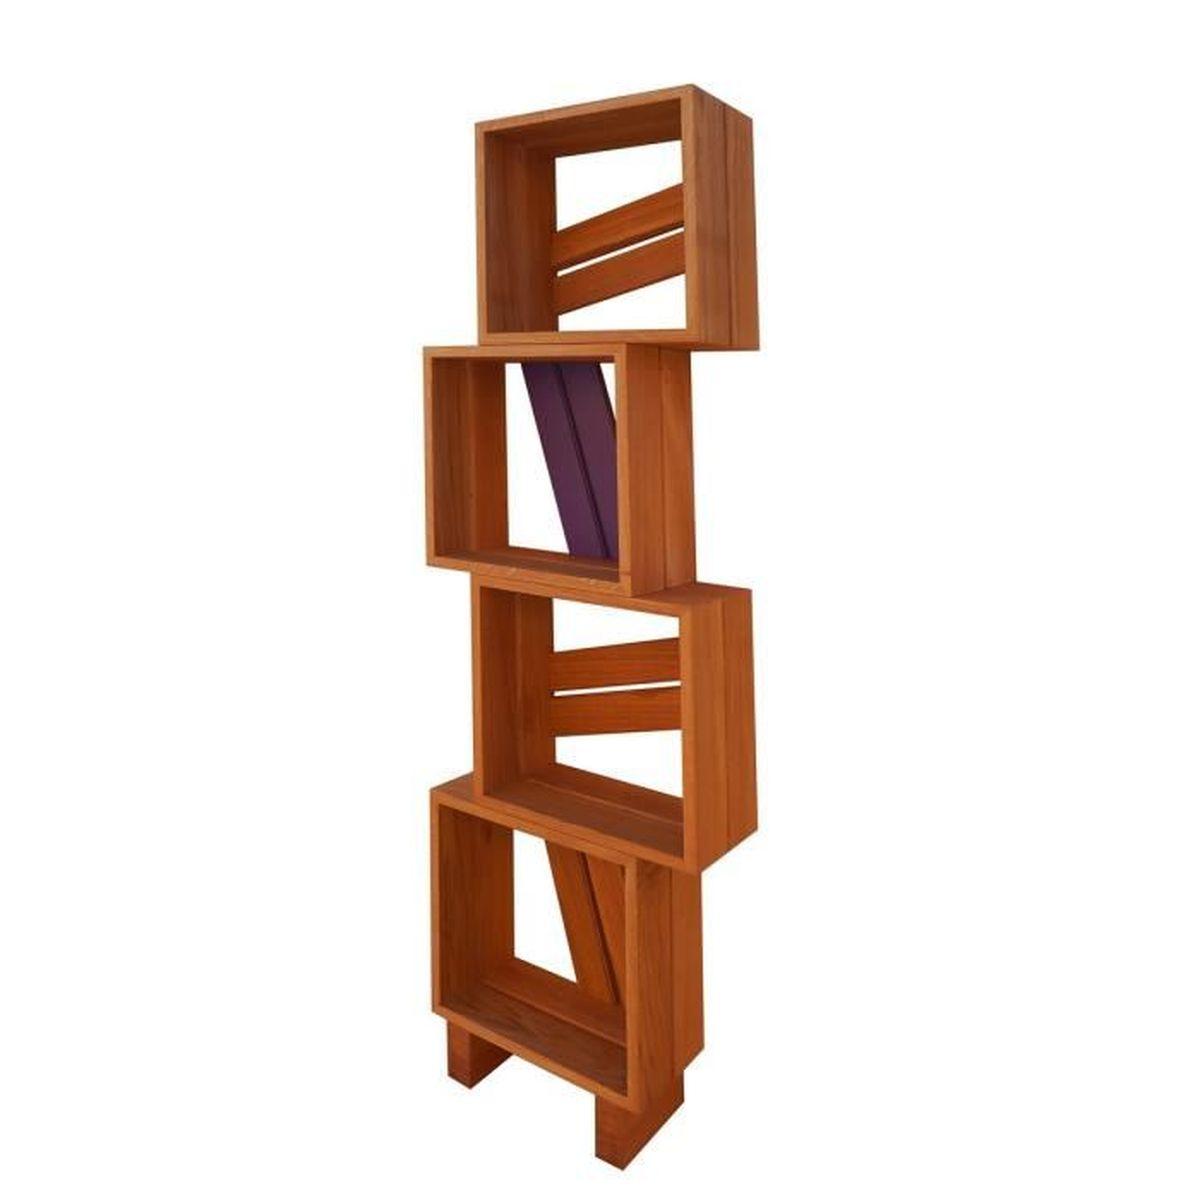 Meuble biblioth que modulable 4 casiers bois et couleur violet achat vent - Achat meuble bibliotheque ...